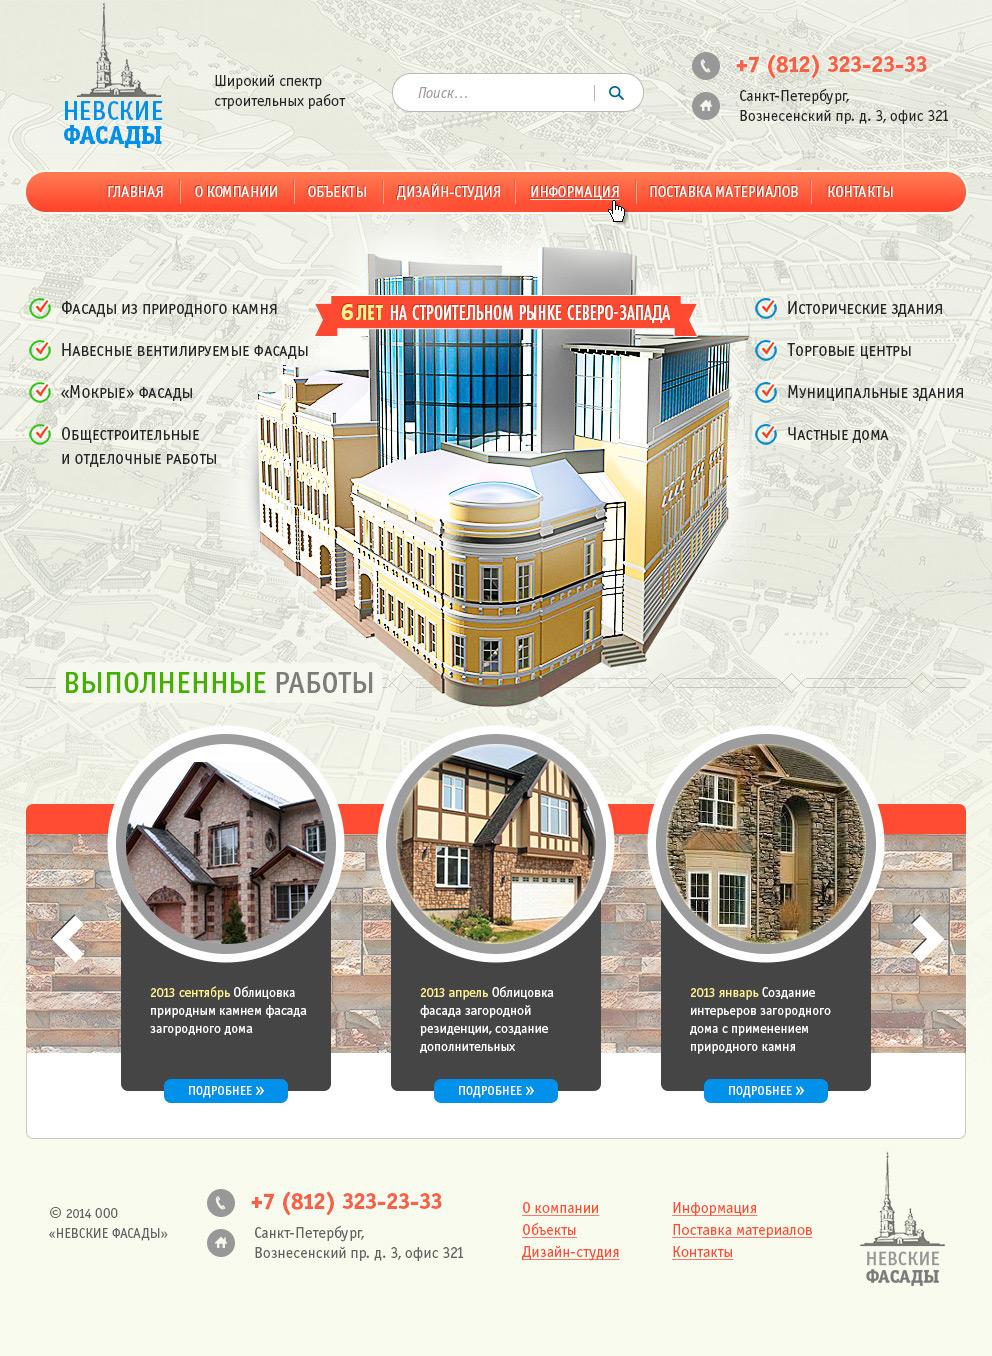 Невские Фасады